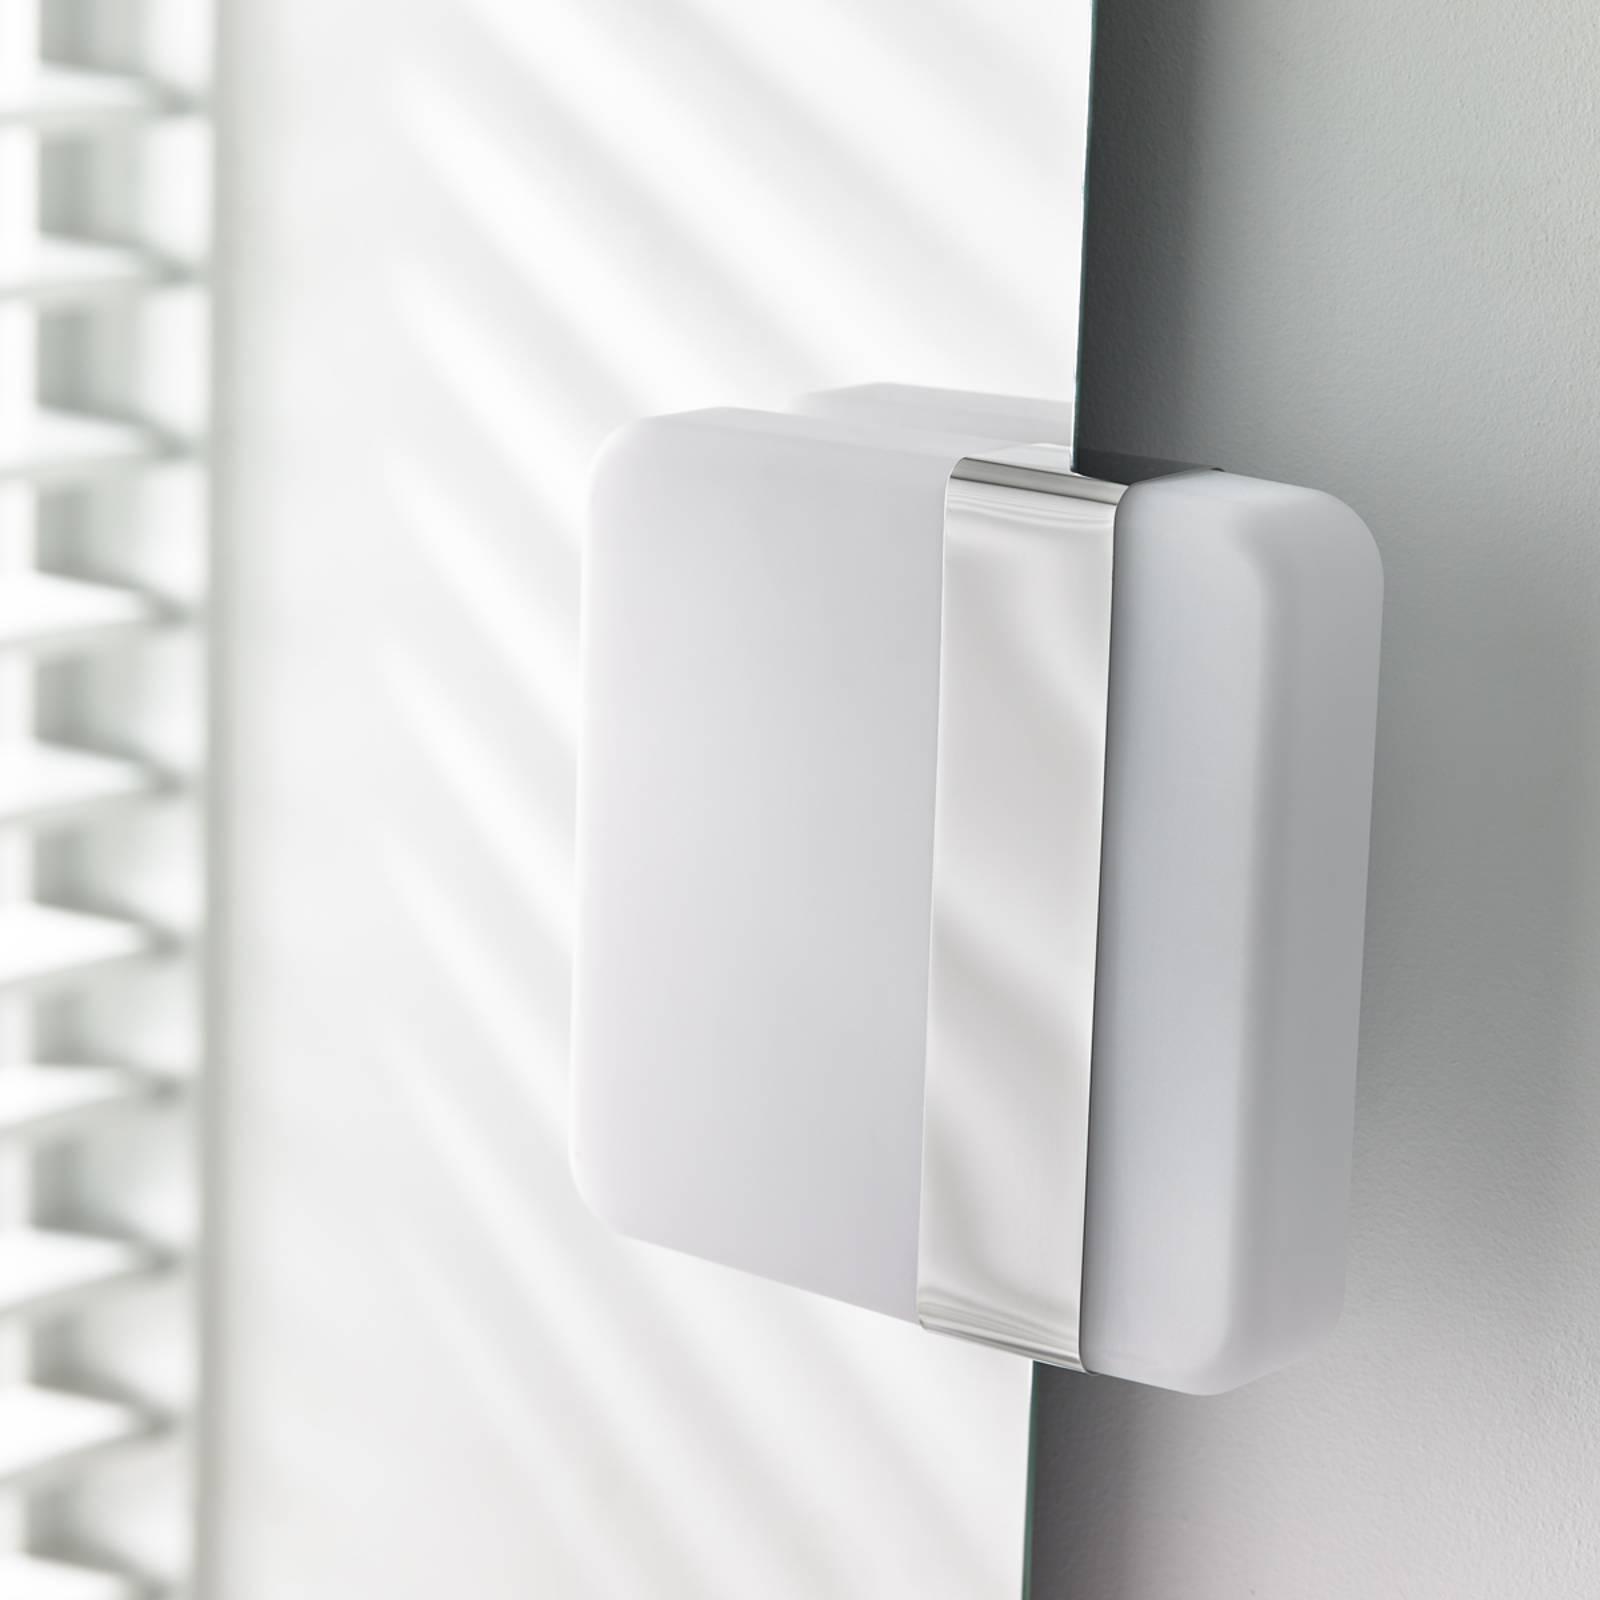 Epäsymmetrisesti jaettu LED-seinävalaisin Becky